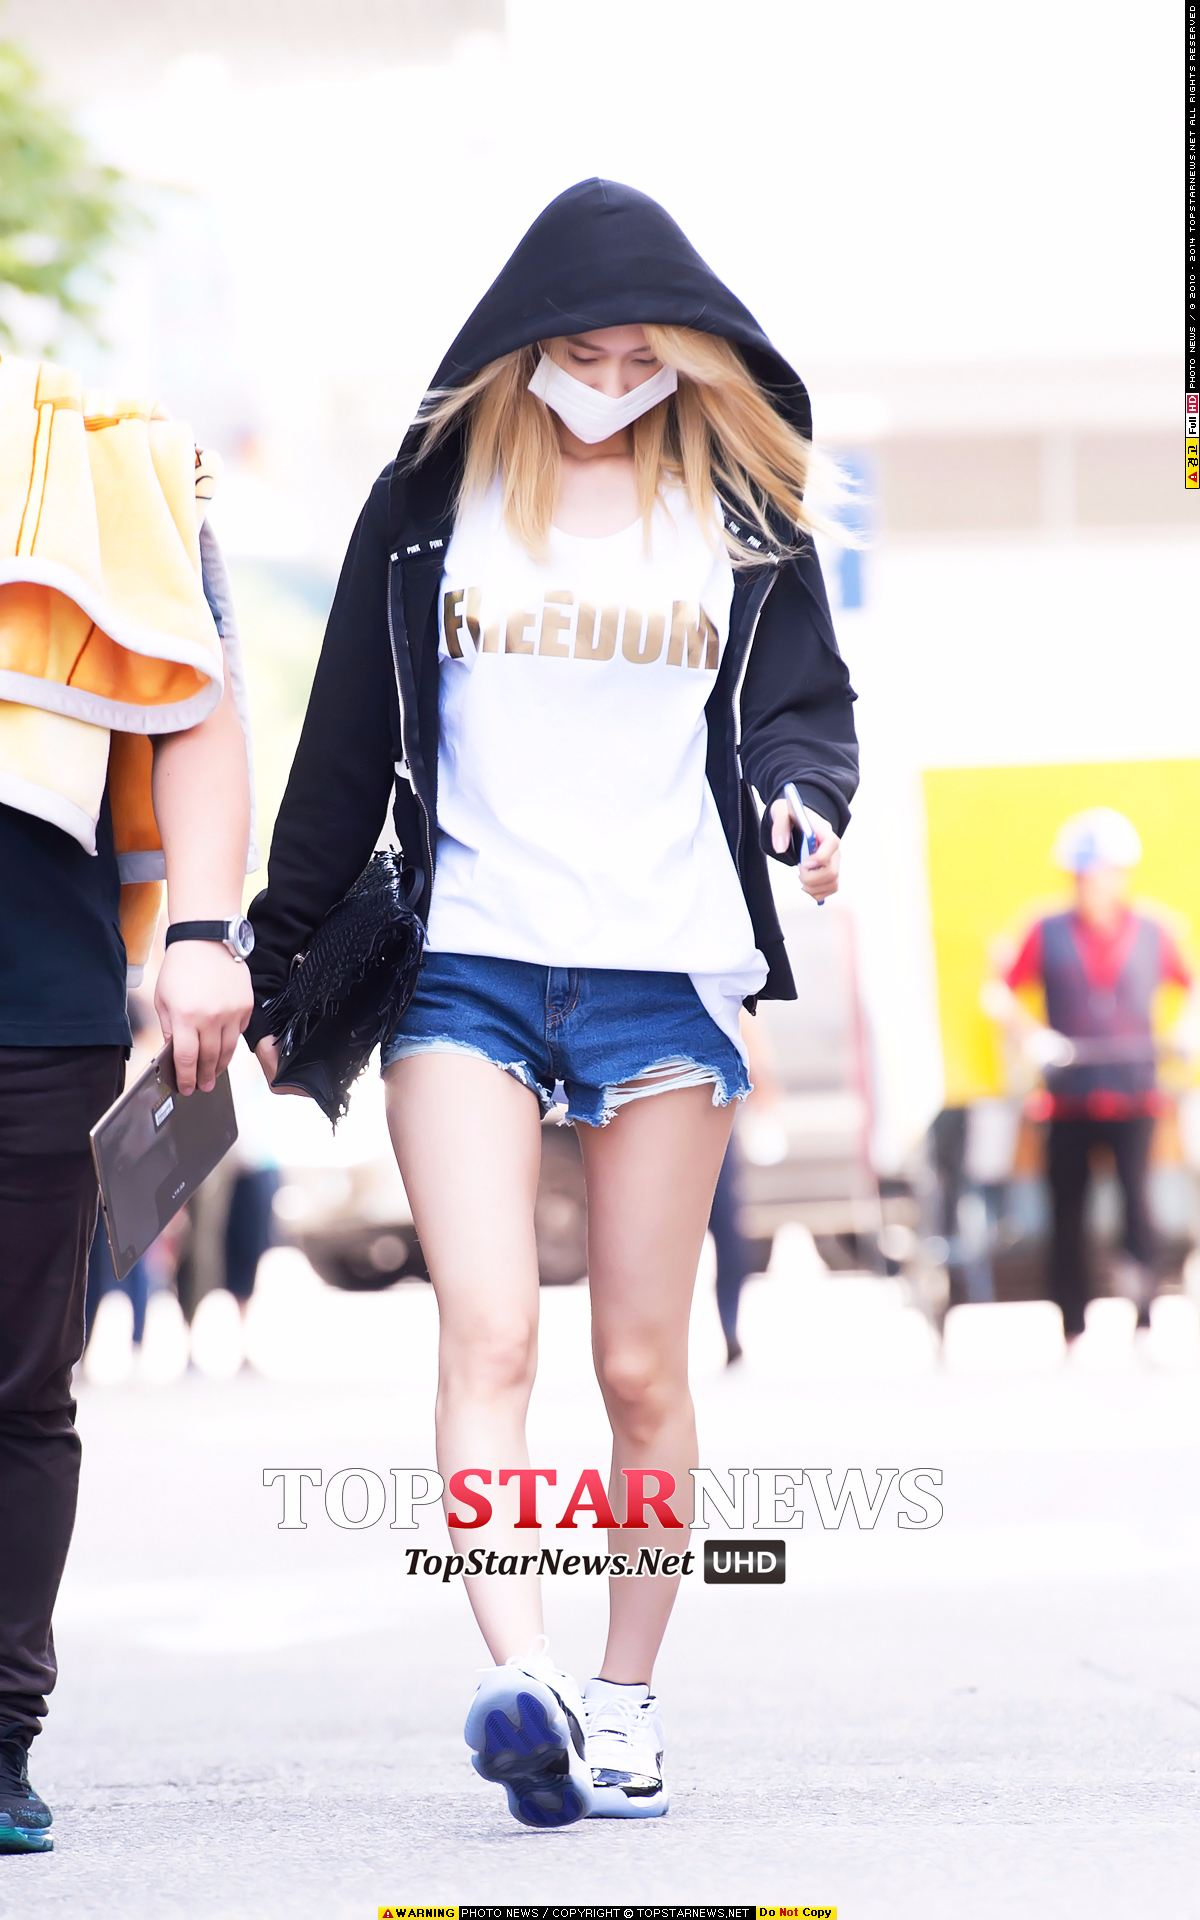 日常的潤娥,上班路時的造型,也跟我們一樣喜歡連帽外套、T恤、牛仔短褲+運動鞋!